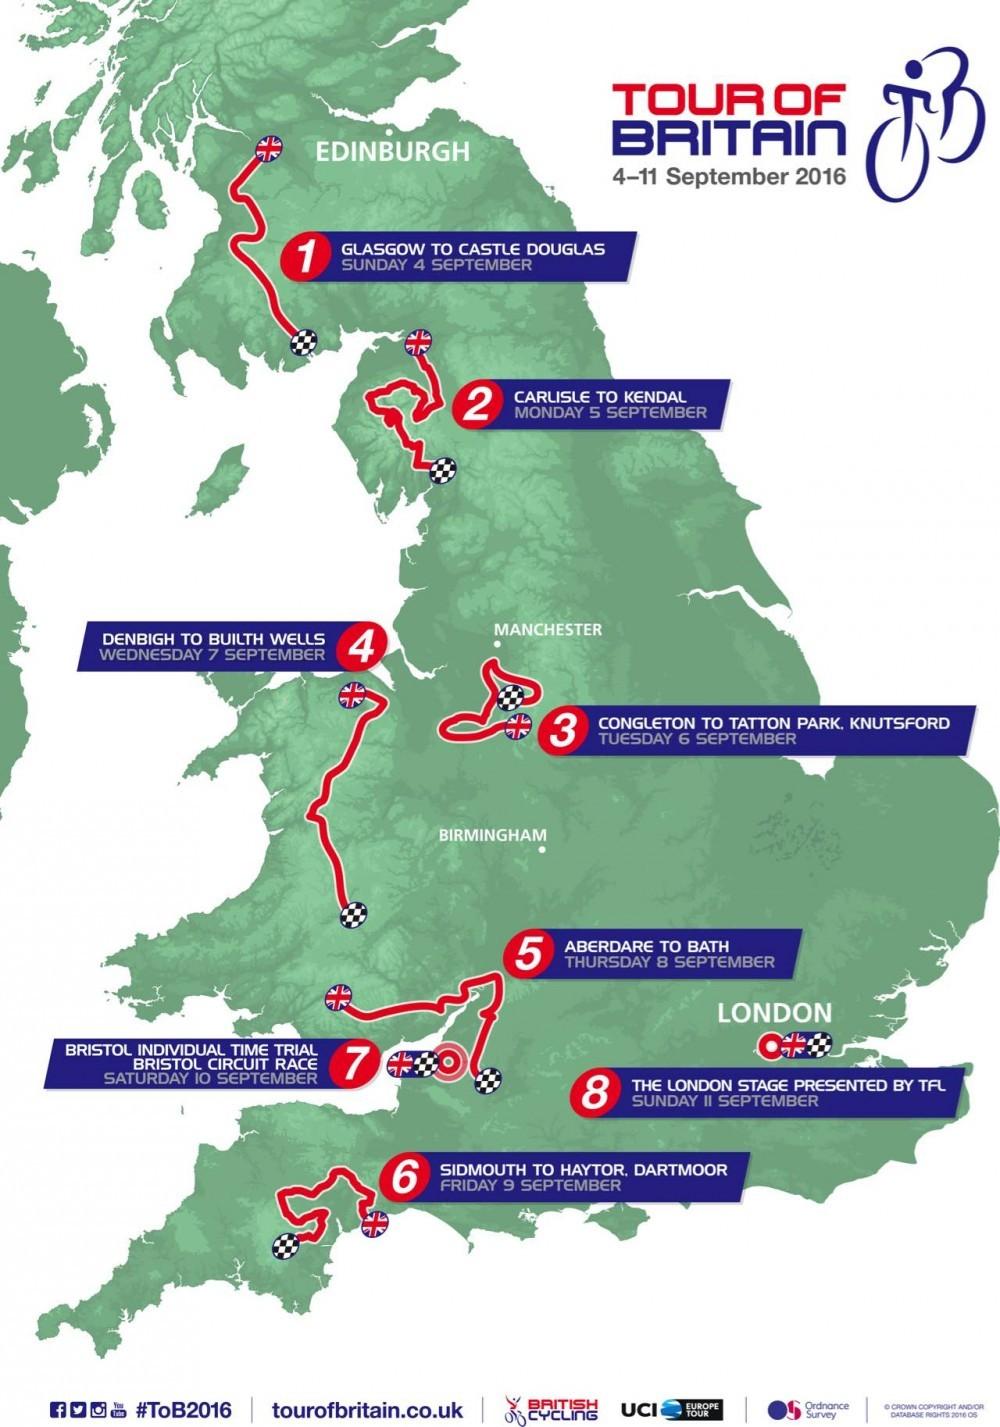 2016-tour-of-britain-map-1456823589377-1bkzpql2hkais-1000-90-c3c9504